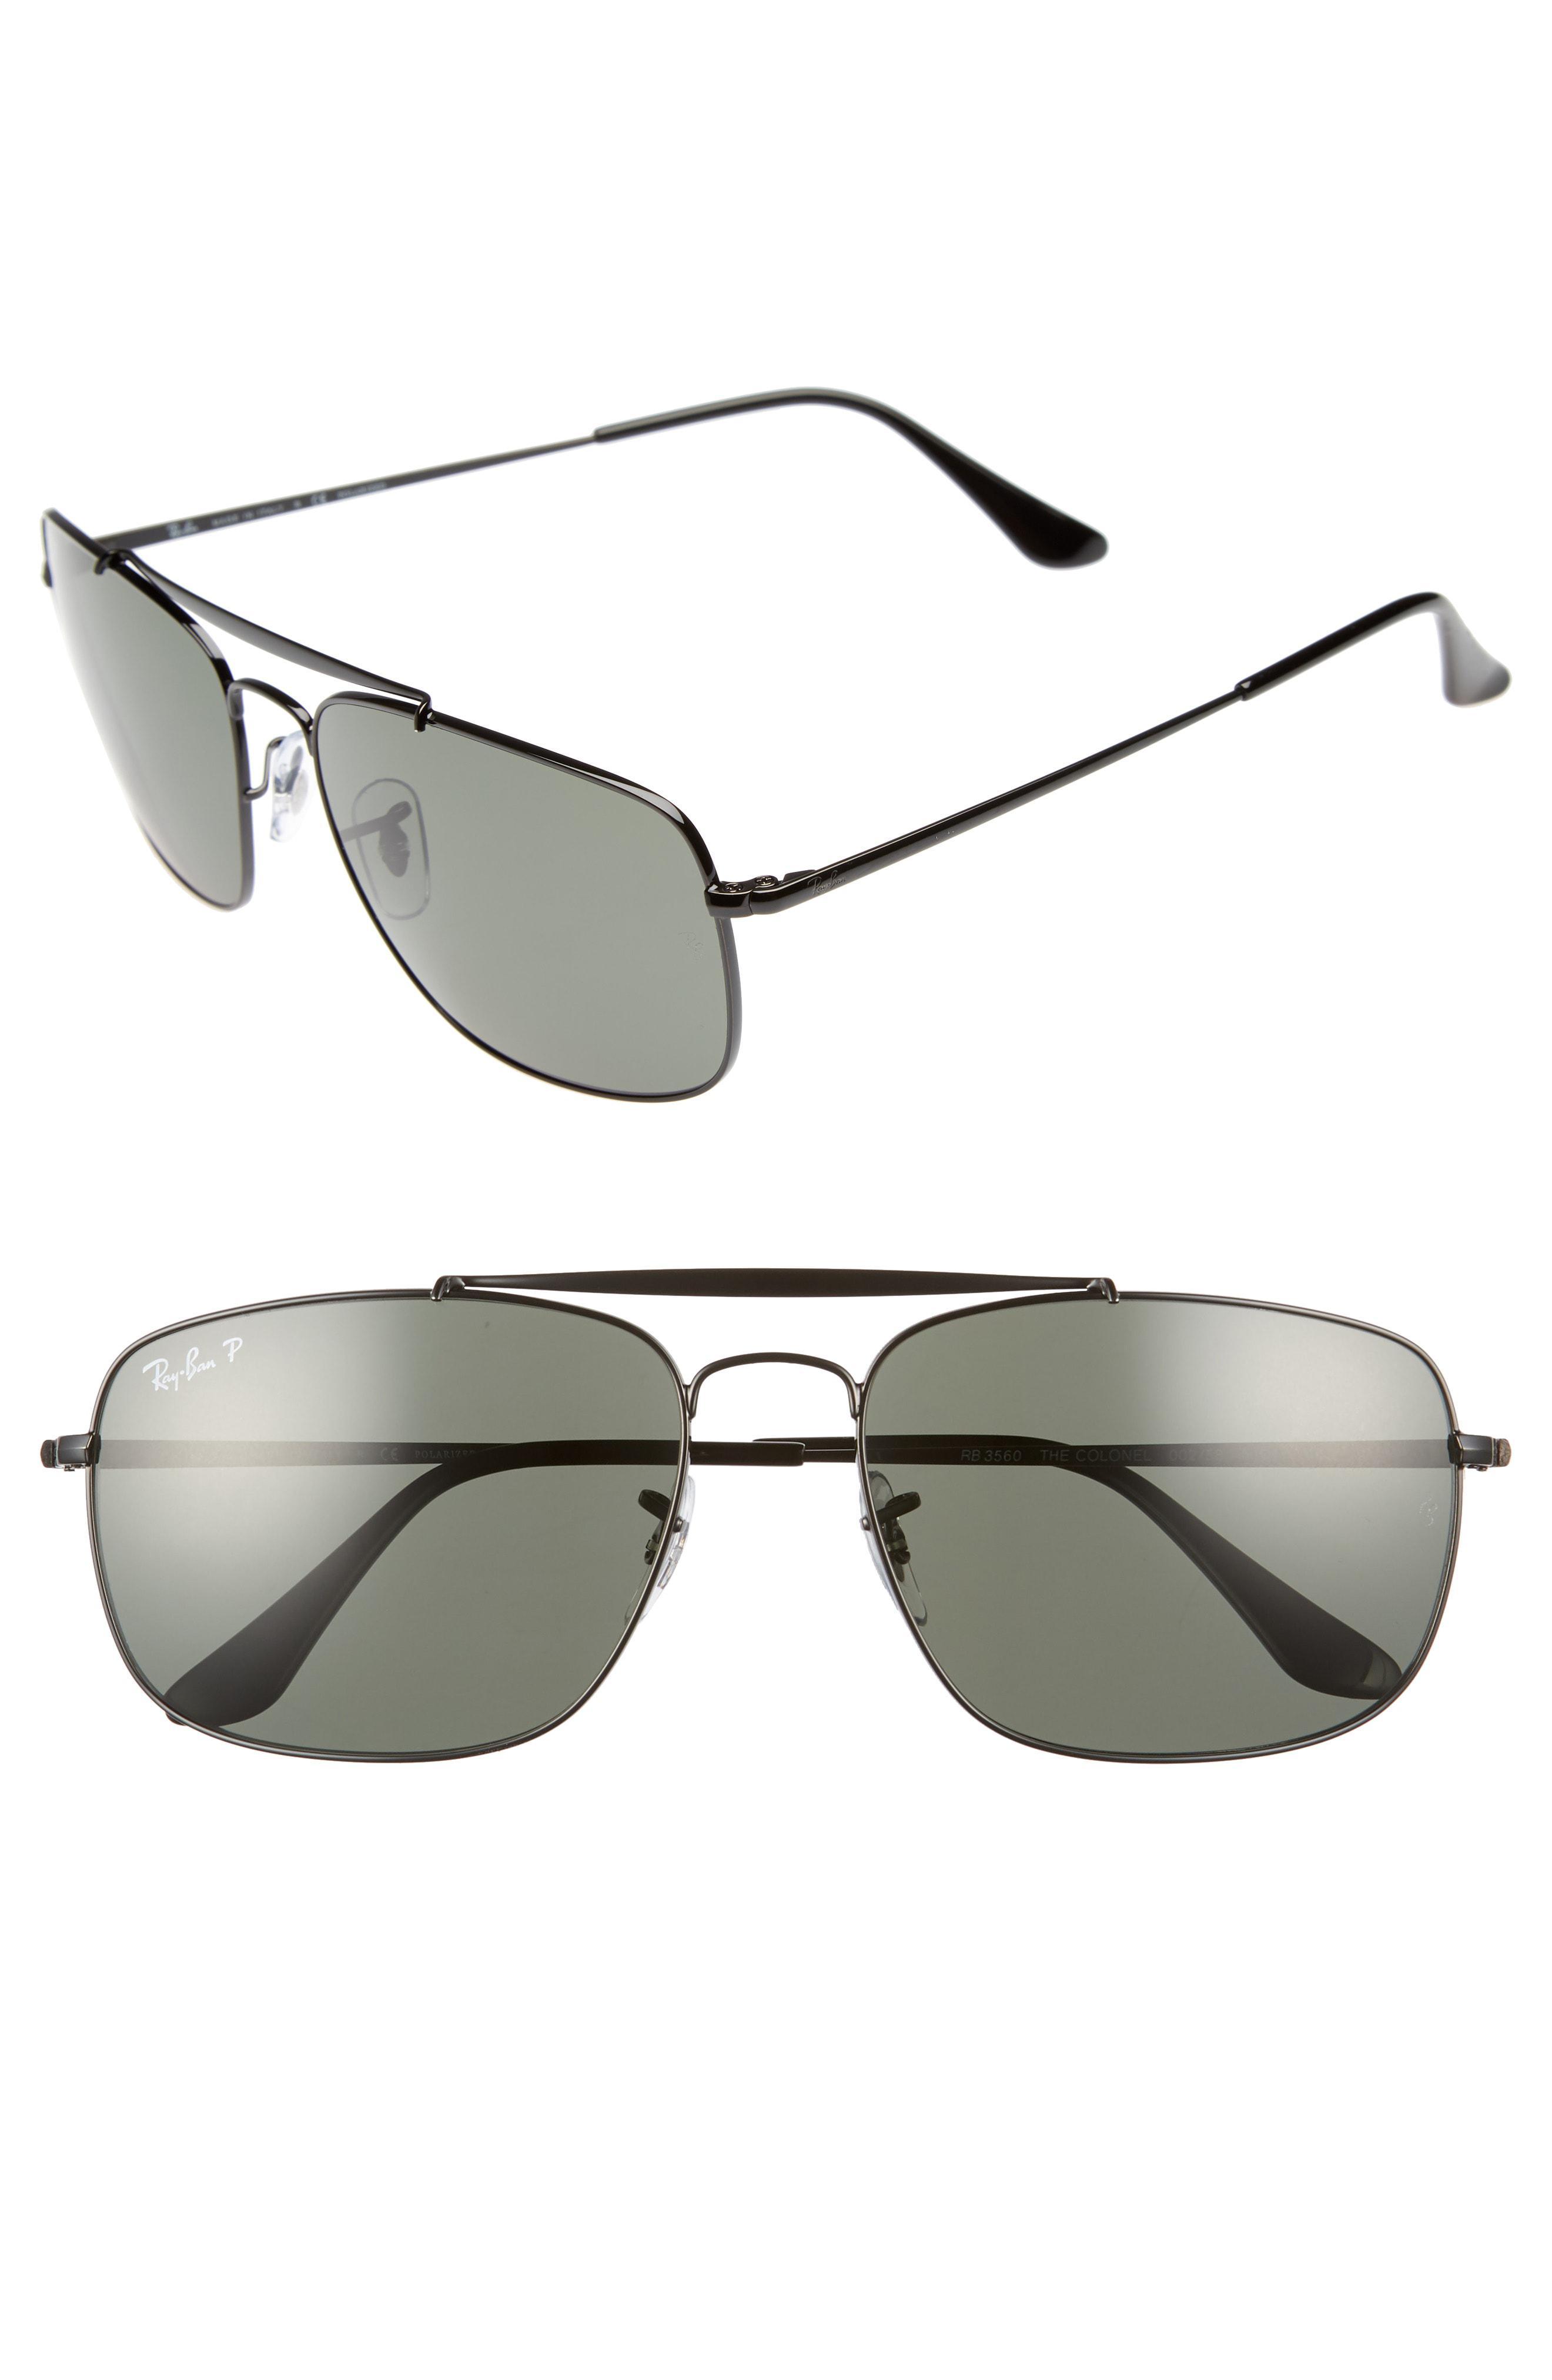 9012a32fc5 Ray-Ban. Men s Metallic The Colonel Square 61mm Polarized Sunglasses -